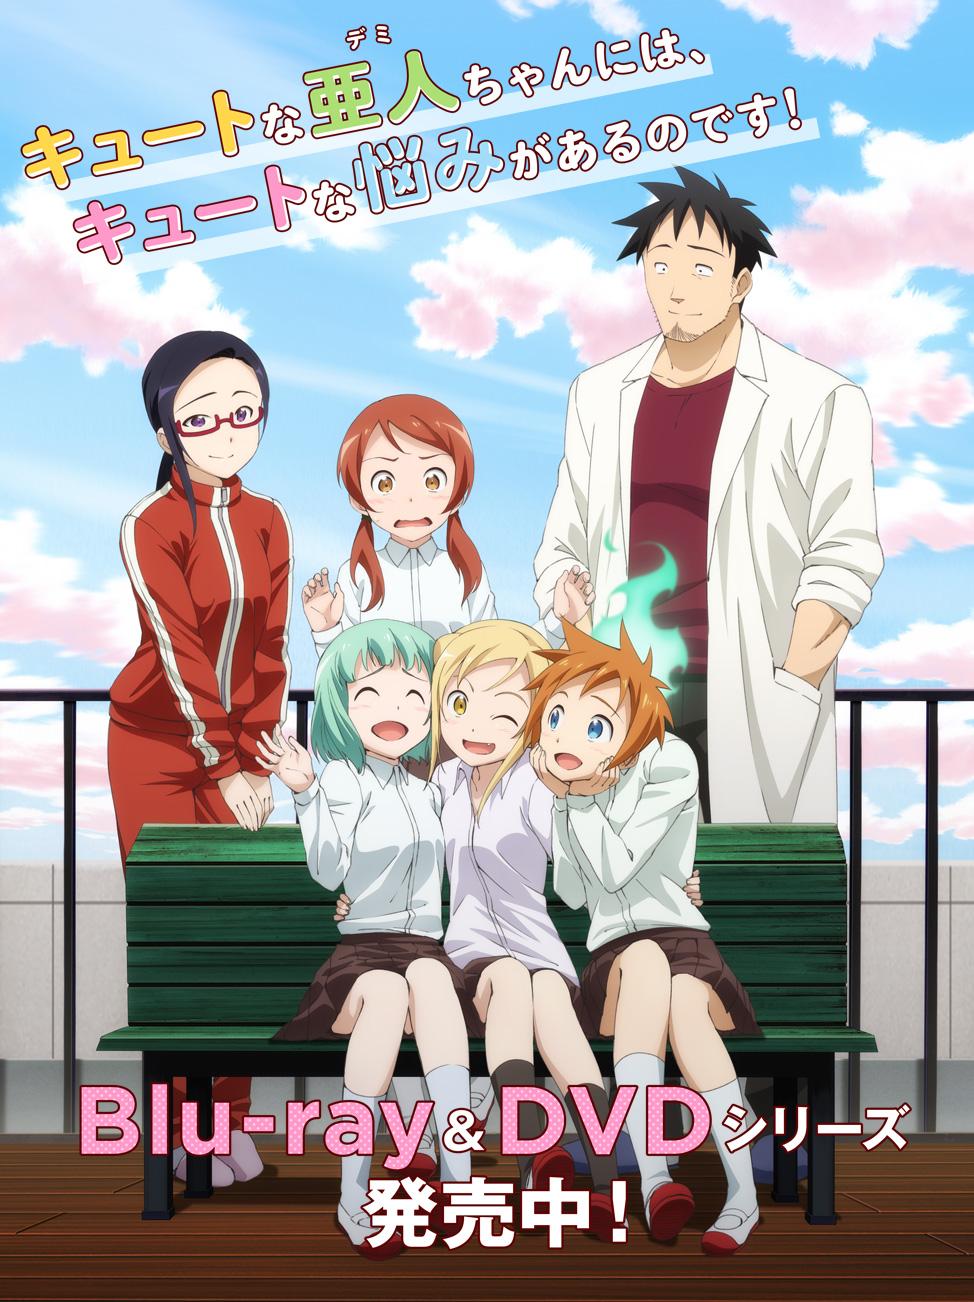 キュートな亜人ちゃんには、キュートな悩みがあるのです! Blu-ray&DVDシリーズ発売開始!